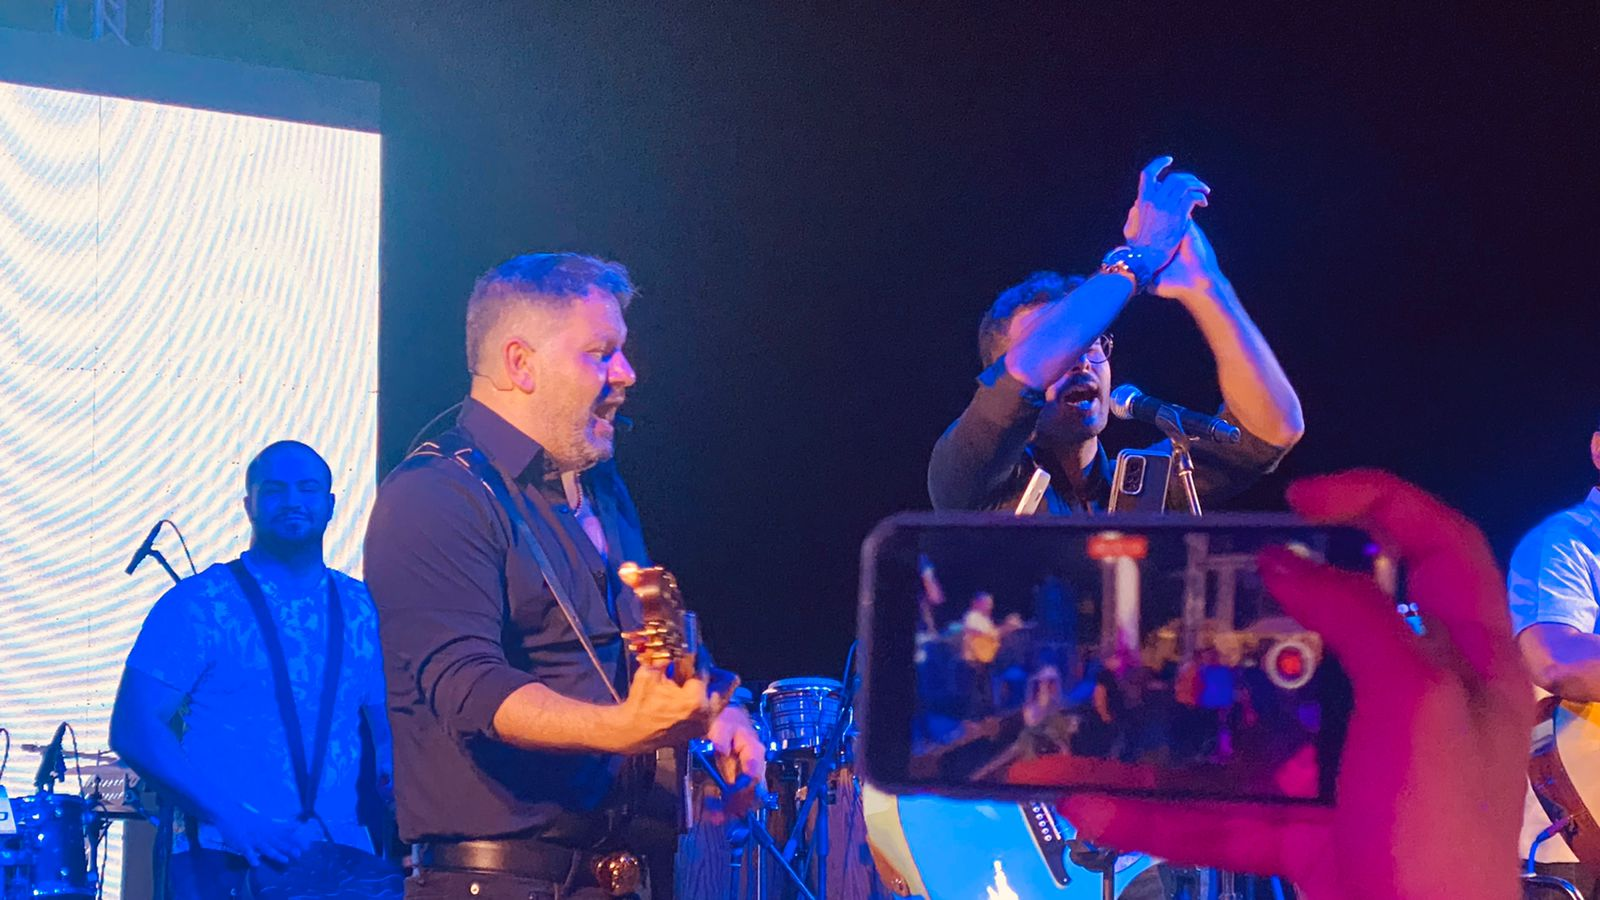 إدوارد وفريقه جيبسي يحيان حفل غنائي في شرم الشيخ (6)